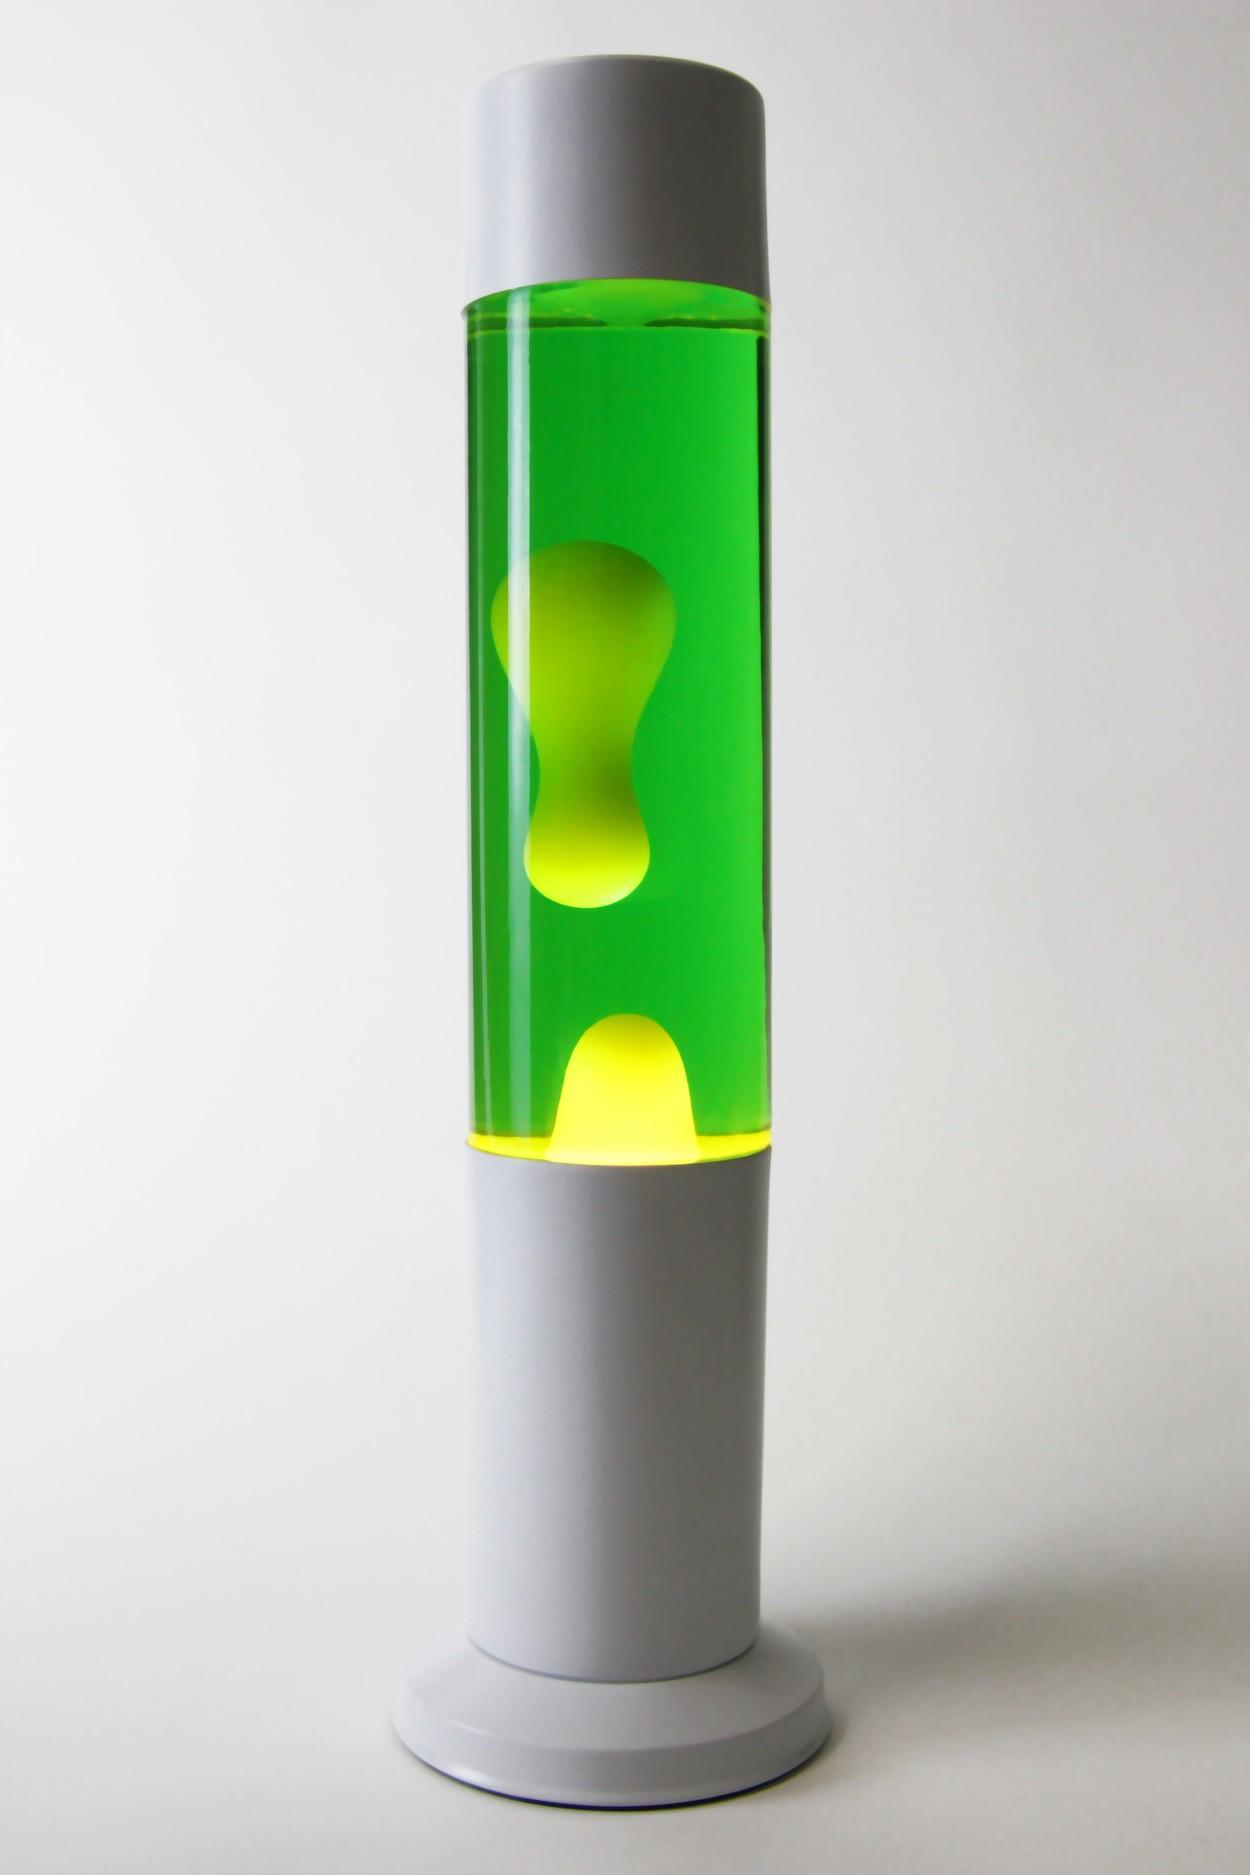 Лавовая лампа 38см CL Желтая/Зелёная (Воск) White в Ярославле